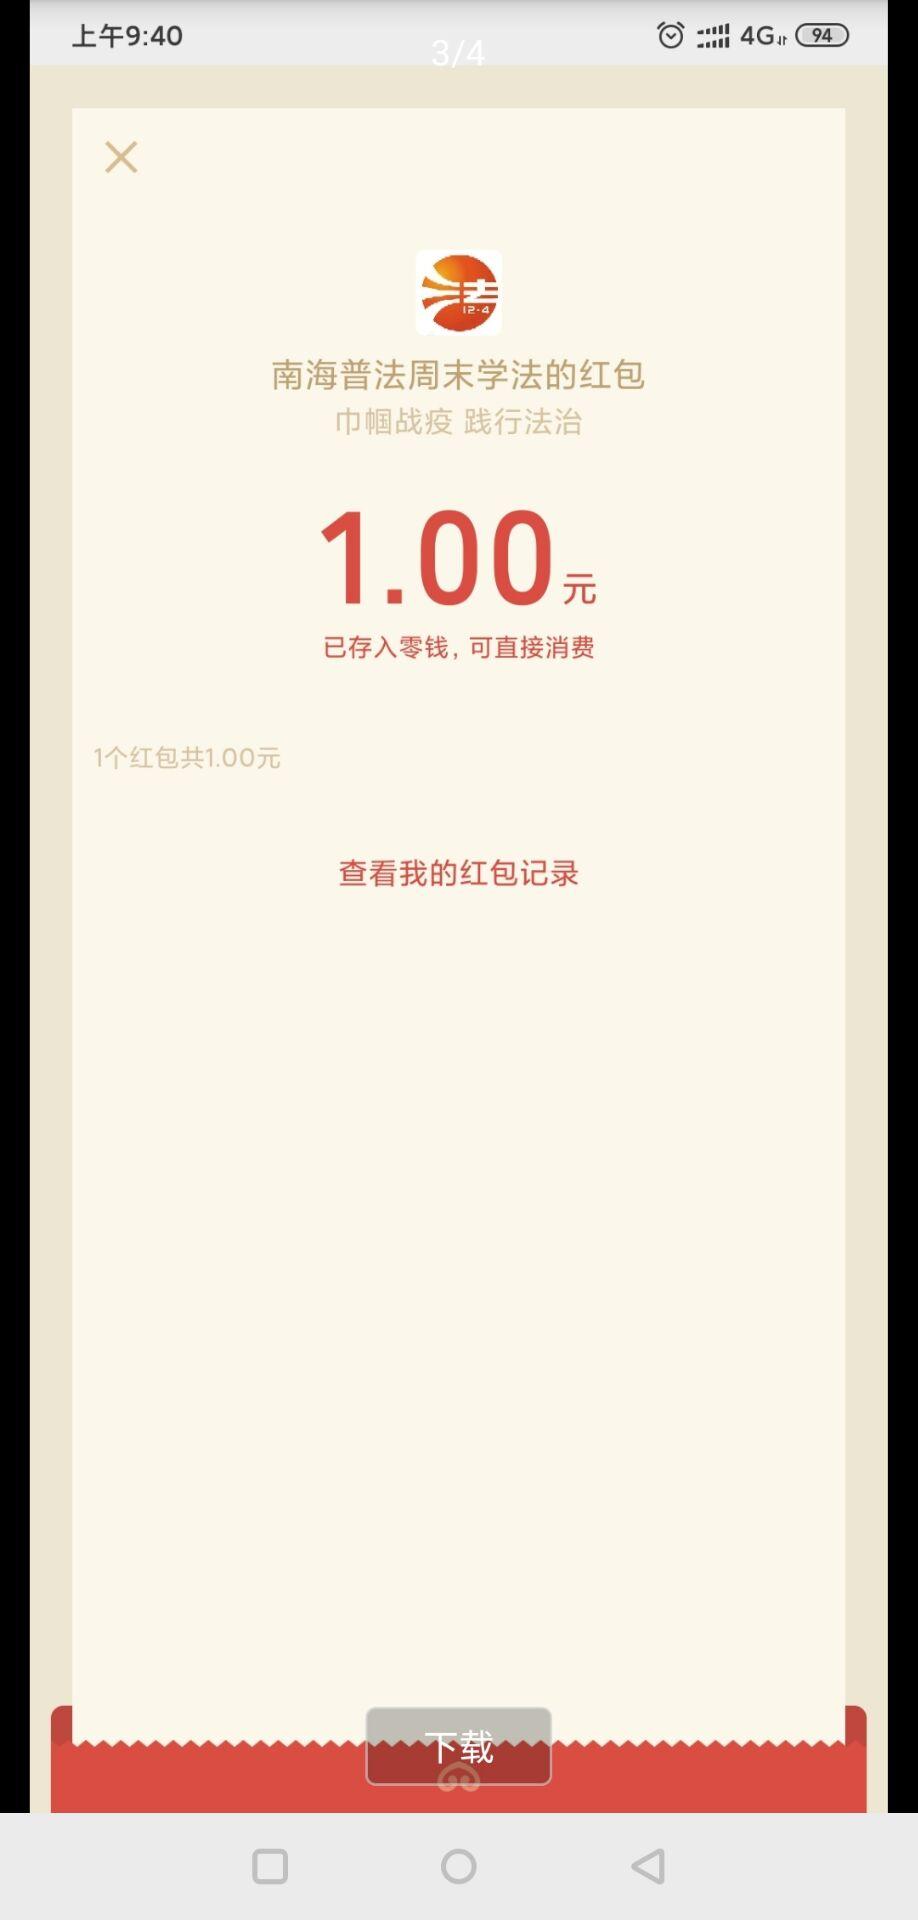 线报-「现金红包」新一期南狮闯天涯-惠小助(52huixz.com)